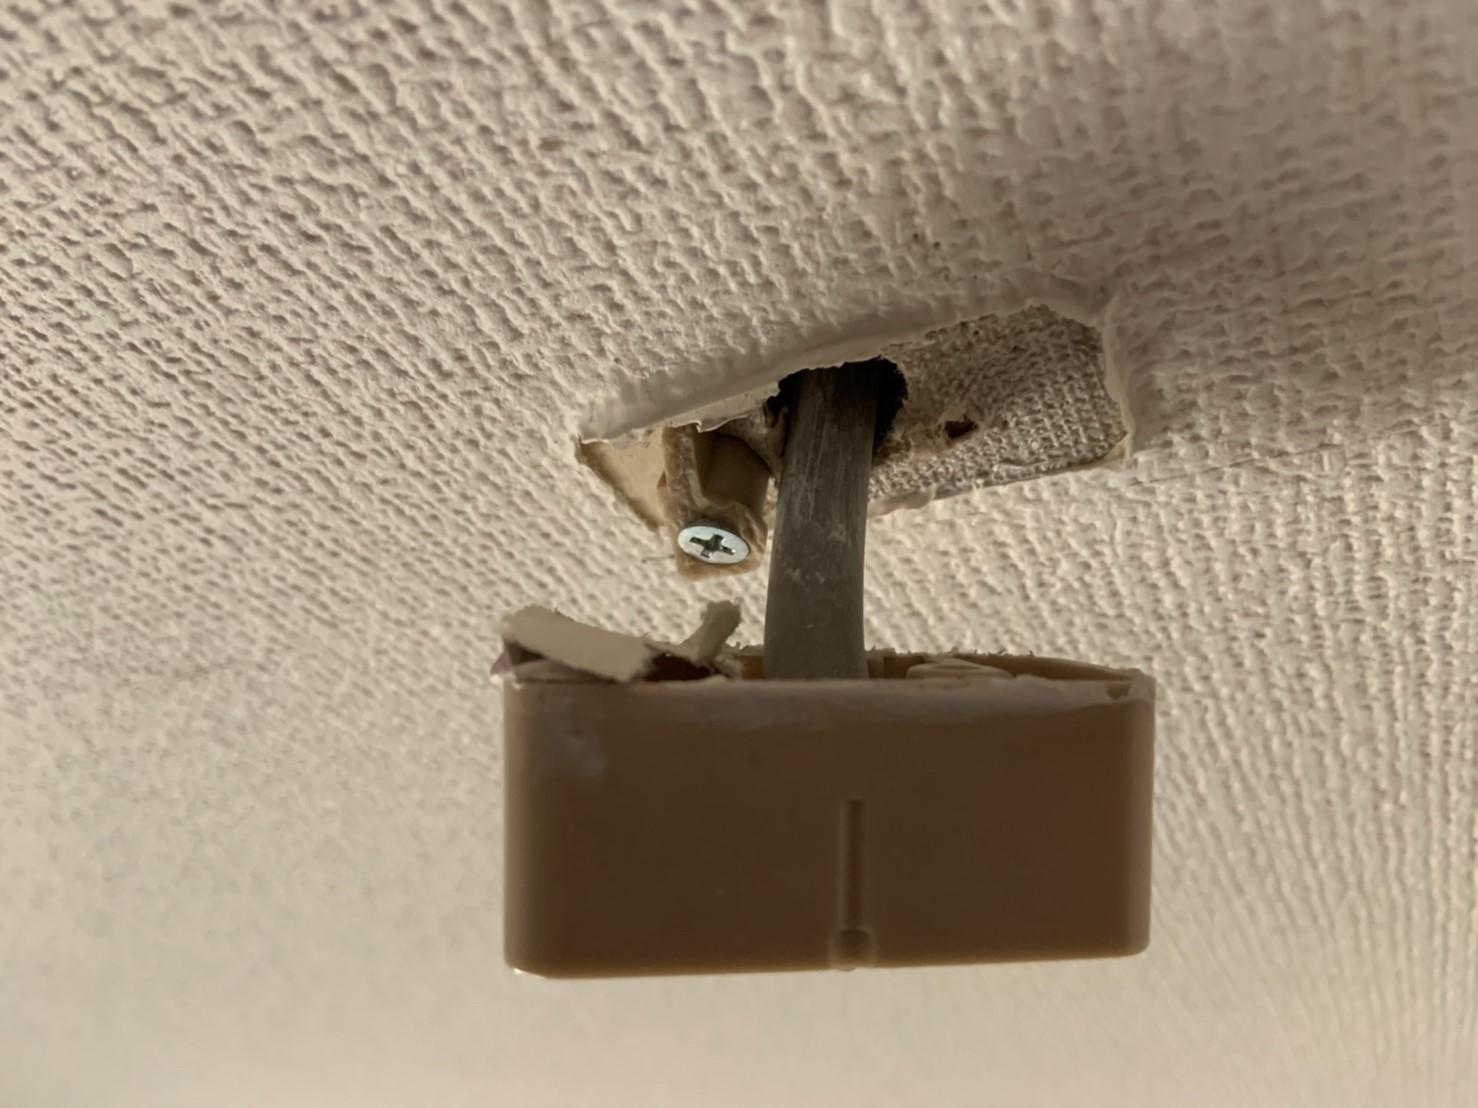 天井引掛シーリングの交換 照明が落ちてきた! 【京都市左京区岩倉】